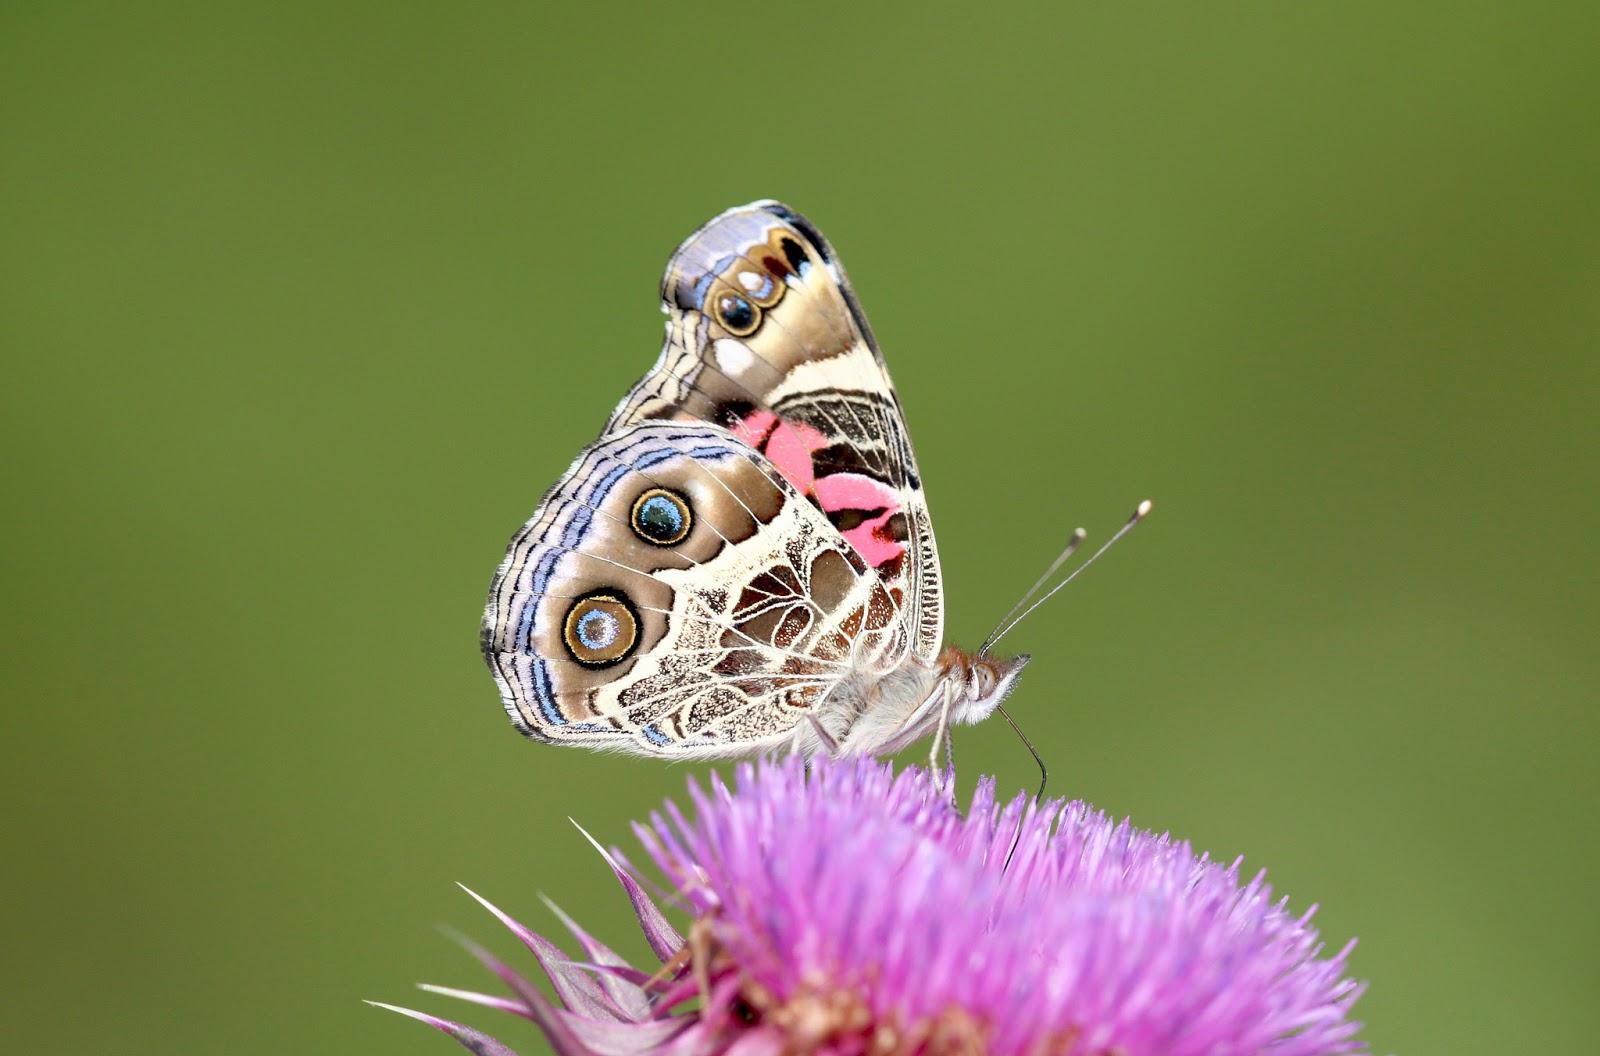 Hình nền đẹp con bướm có màu sắc lung linh